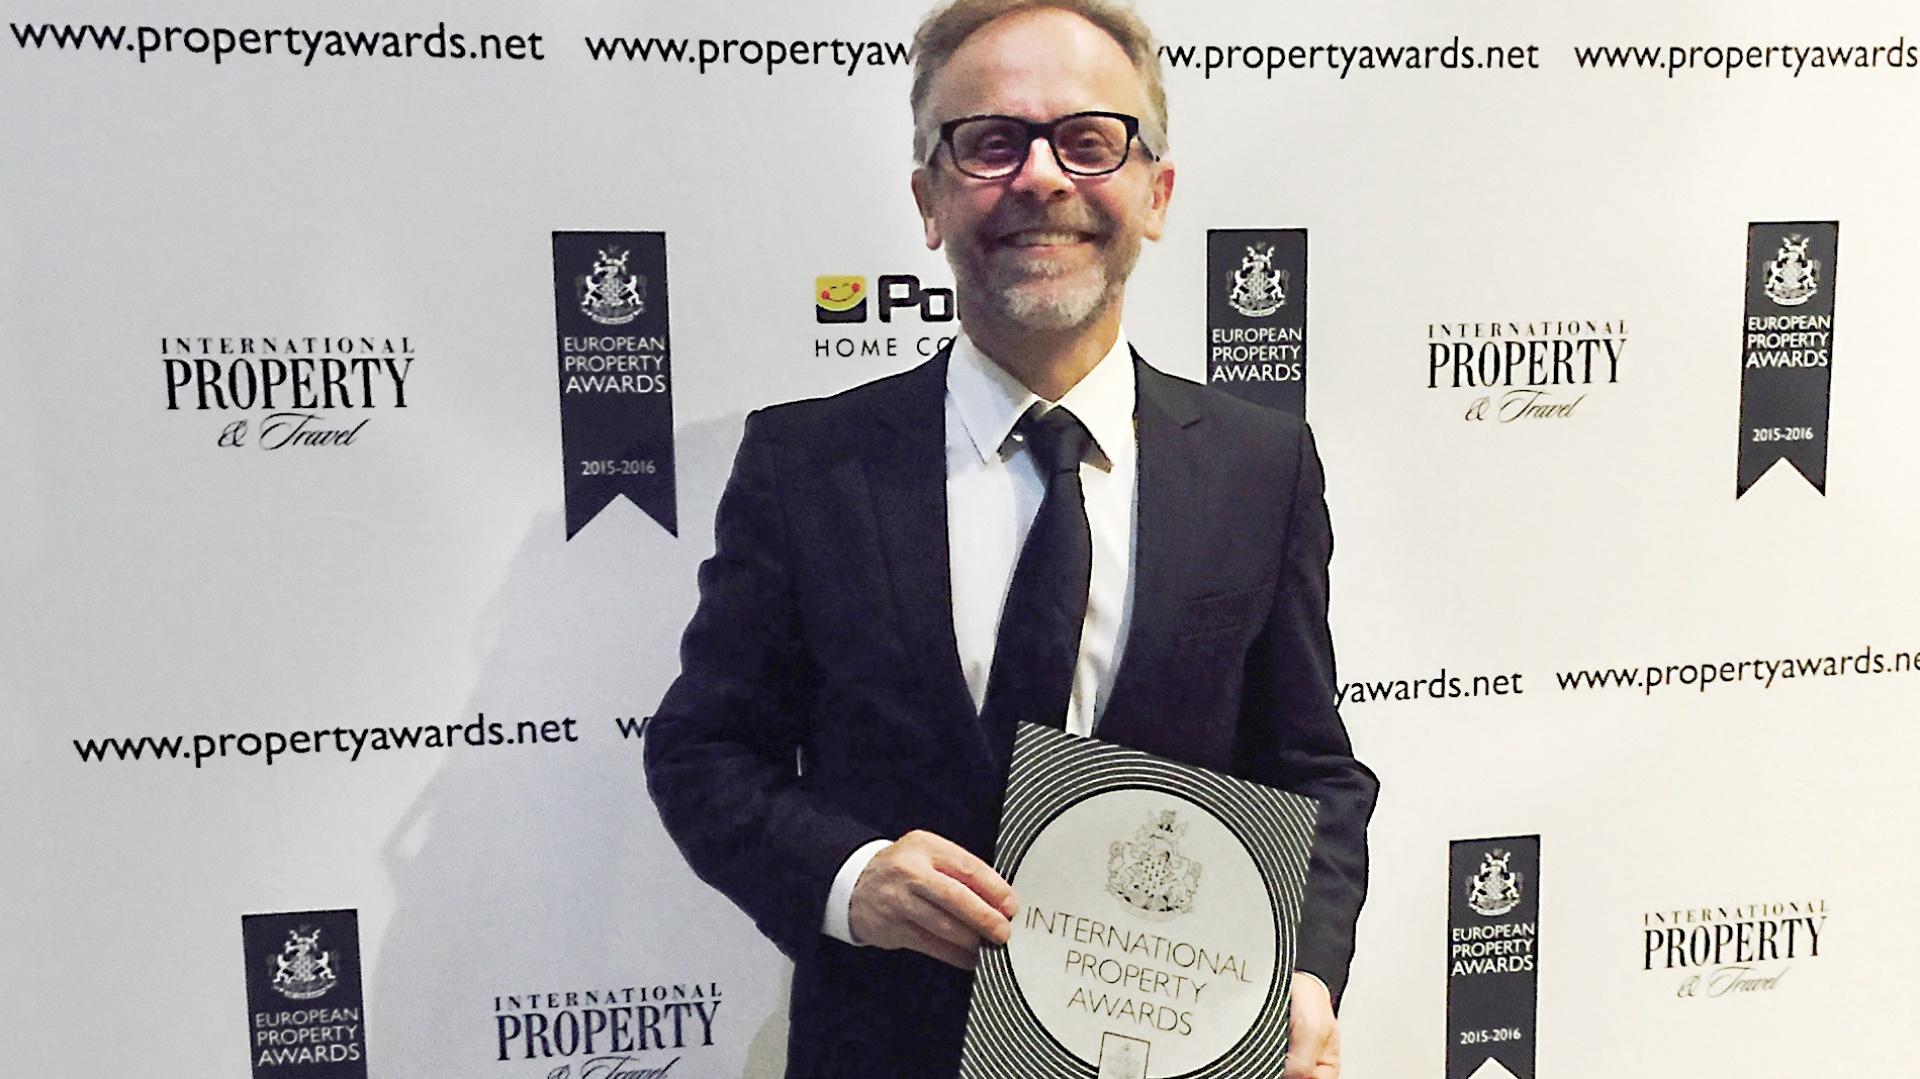 Mirosław Nizio podczas rozdania nagród International Property Awards. Finał konkursu i wręczenie nagród odbyło się 22 września w Londynie. Fot. Materiały prasowe